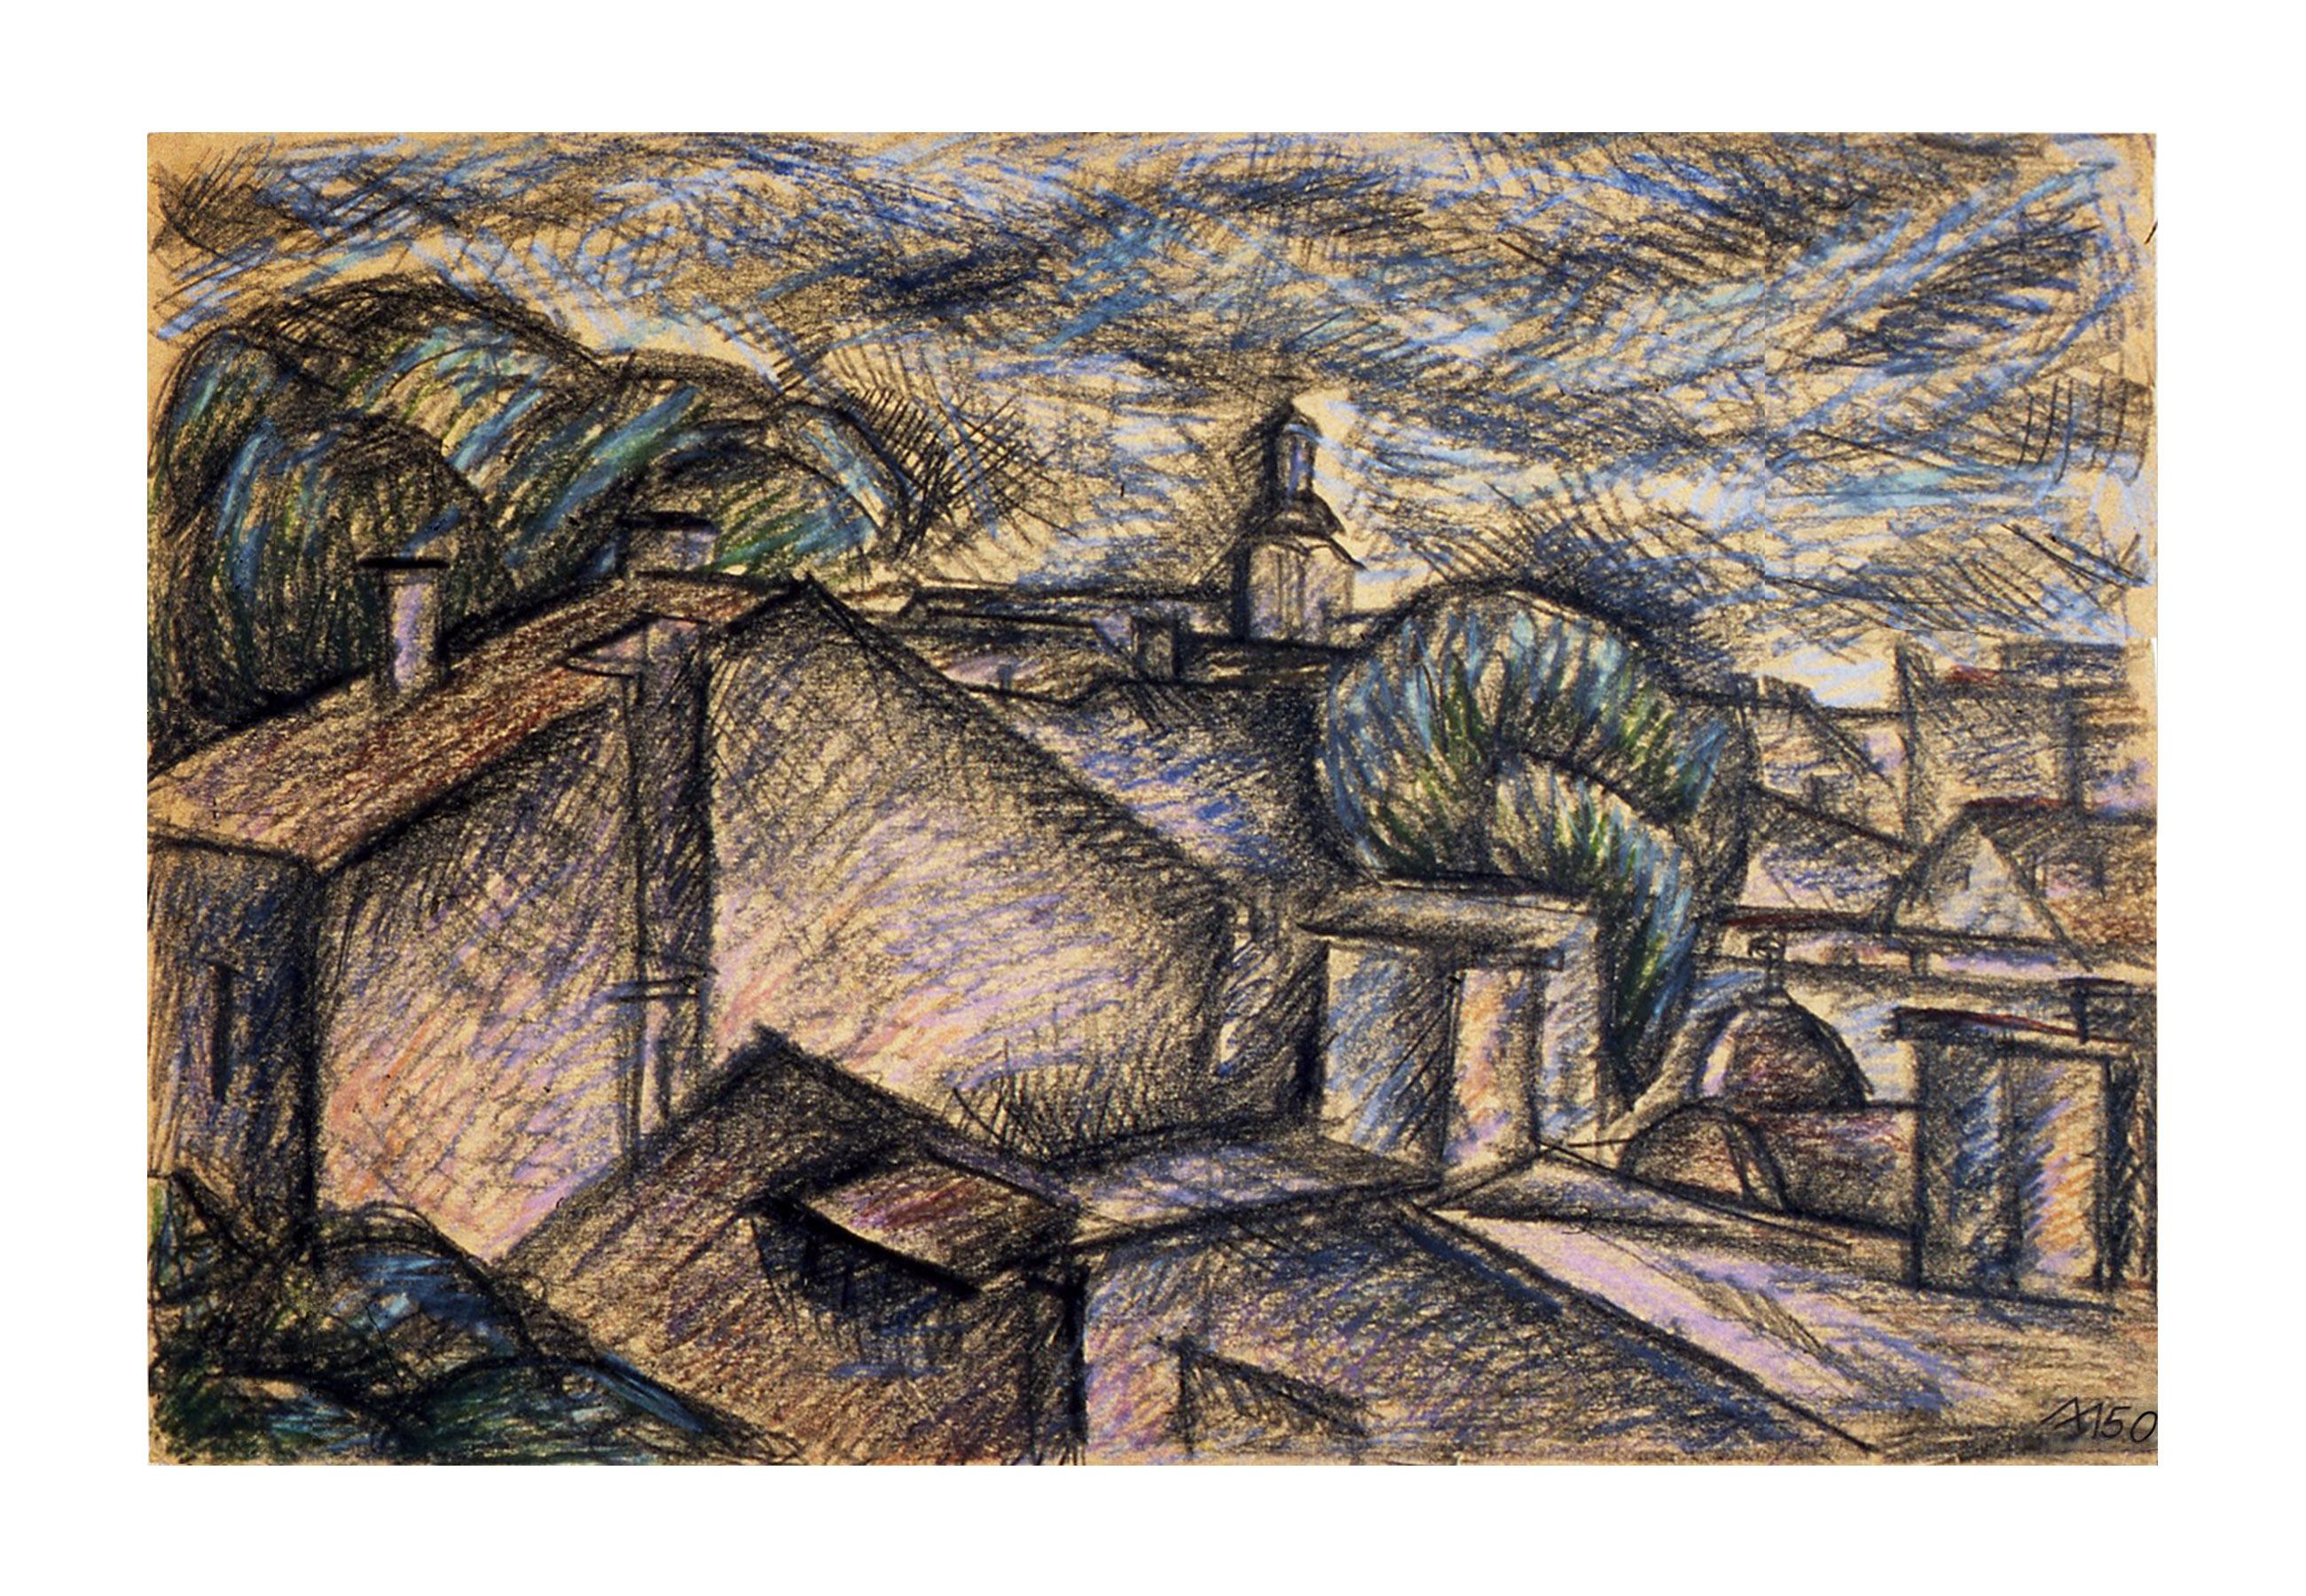 Lamm-Portfolio-Town-Landscape-Geomentry.jpg